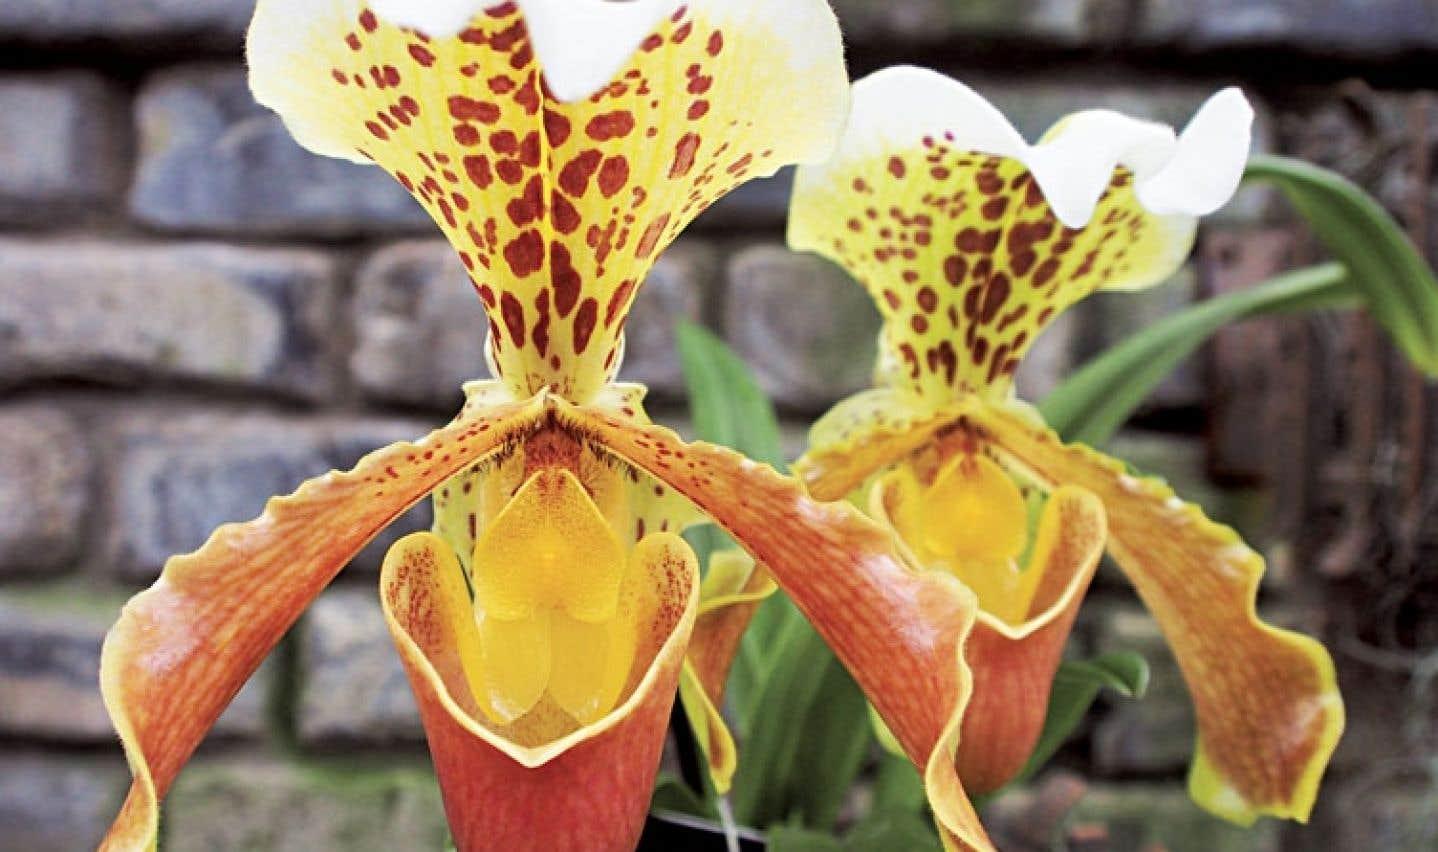 L'Orchidexpo de Montréal permet d'apprécier la beauté et la diversité de ces fleurs exceptionnelles que sont les orchidées. Ici, le Paphiopedilum «Goliath».